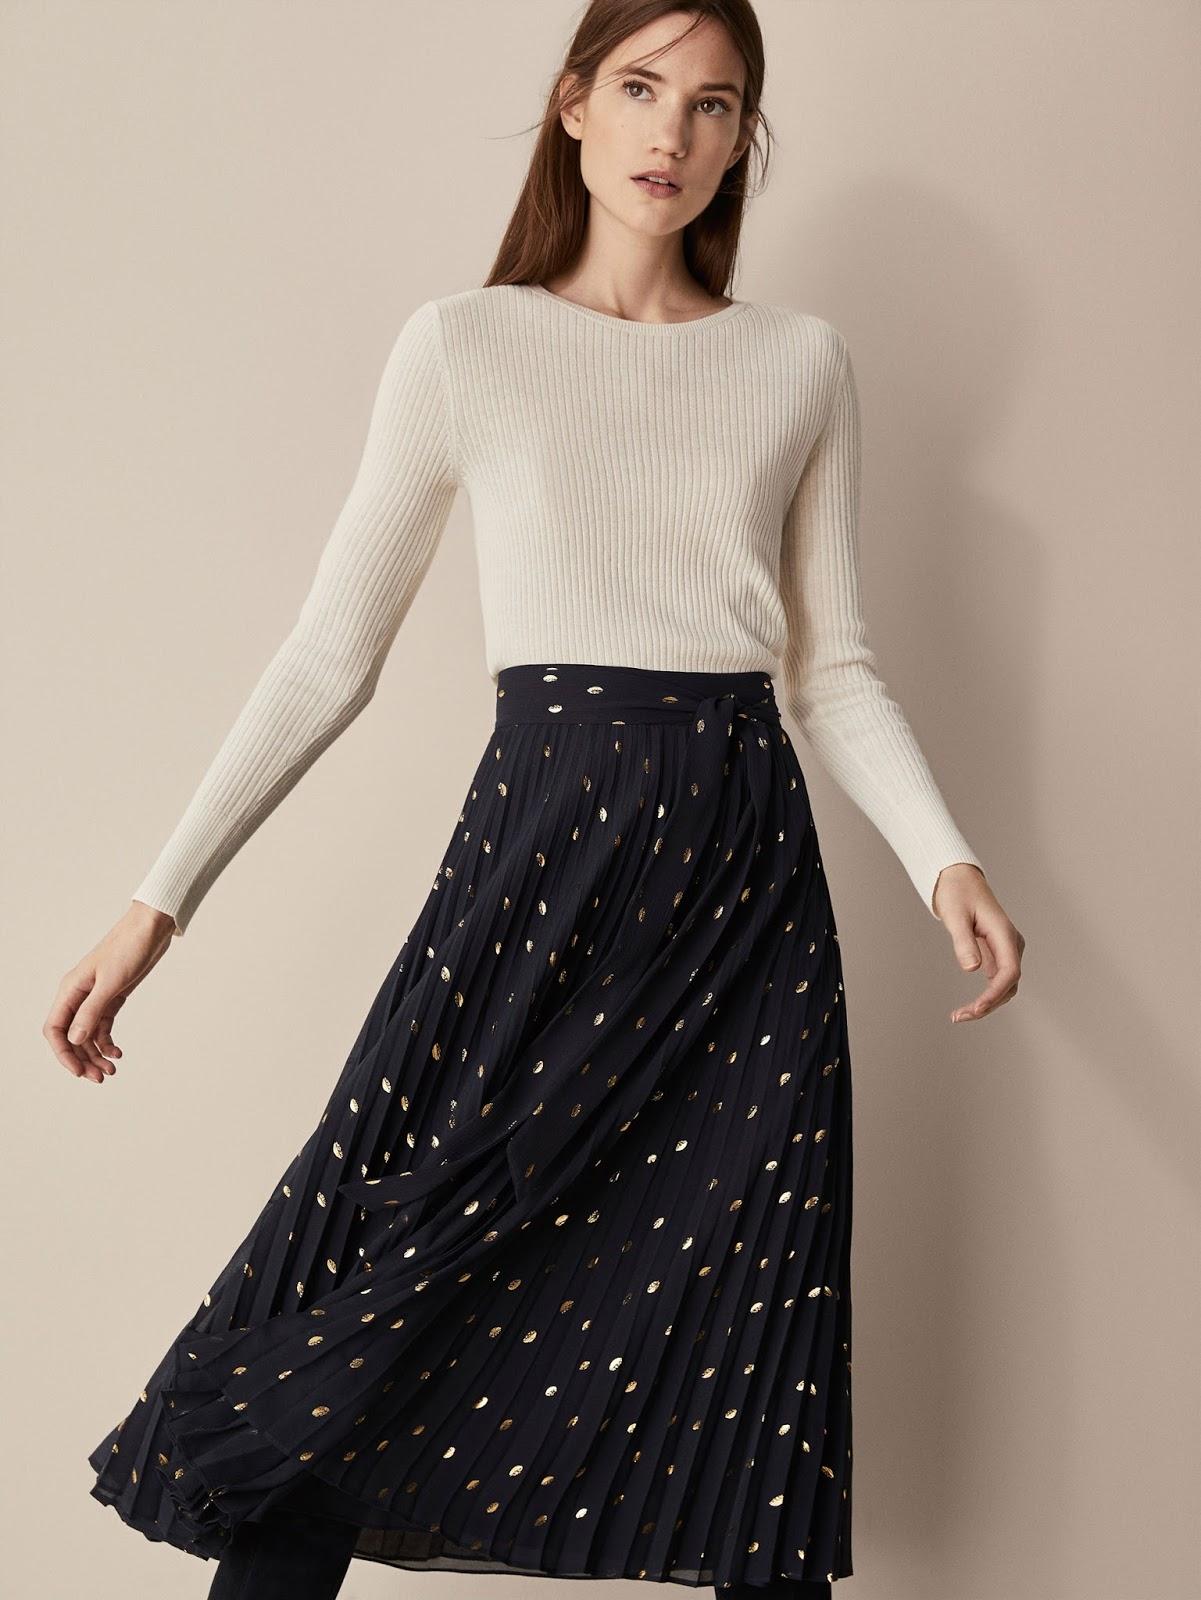 74d24552f Vas a llevar falda midi y plisada? - El armario de Lu by Jane